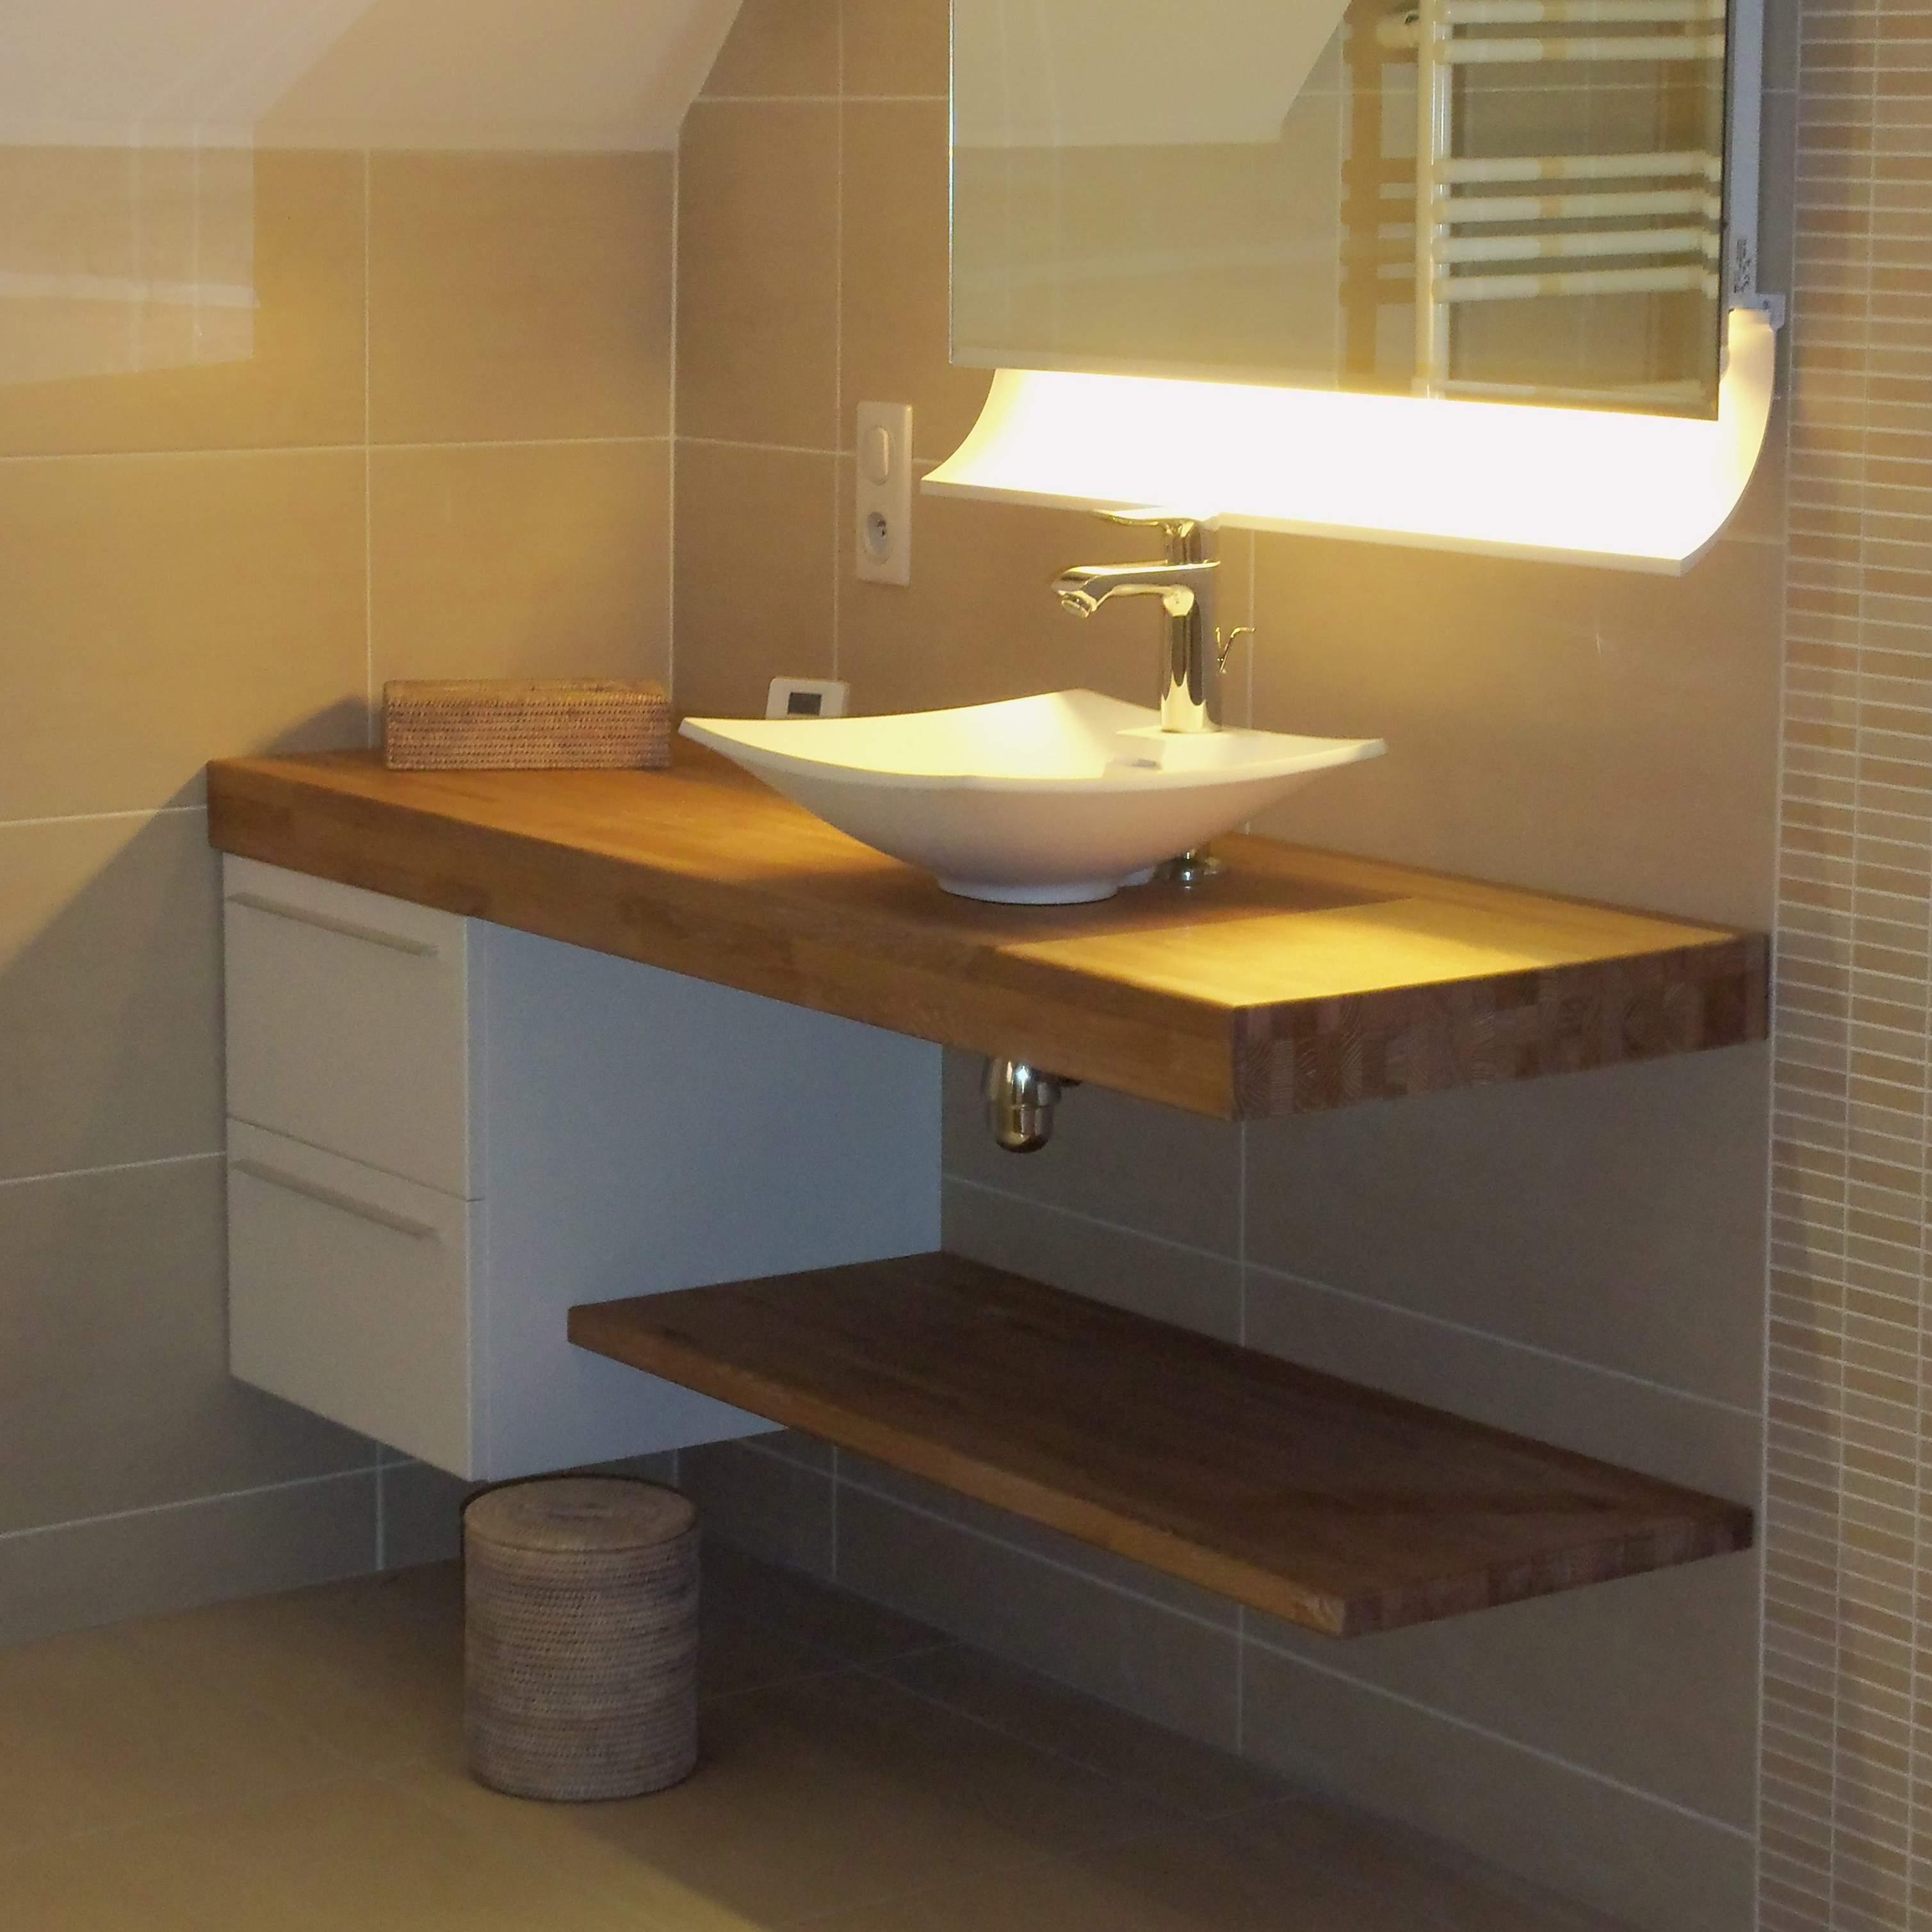 fabriquer plan de travail salle de bain lille maison. Black Bedroom Furniture Sets. Home Design Ideas